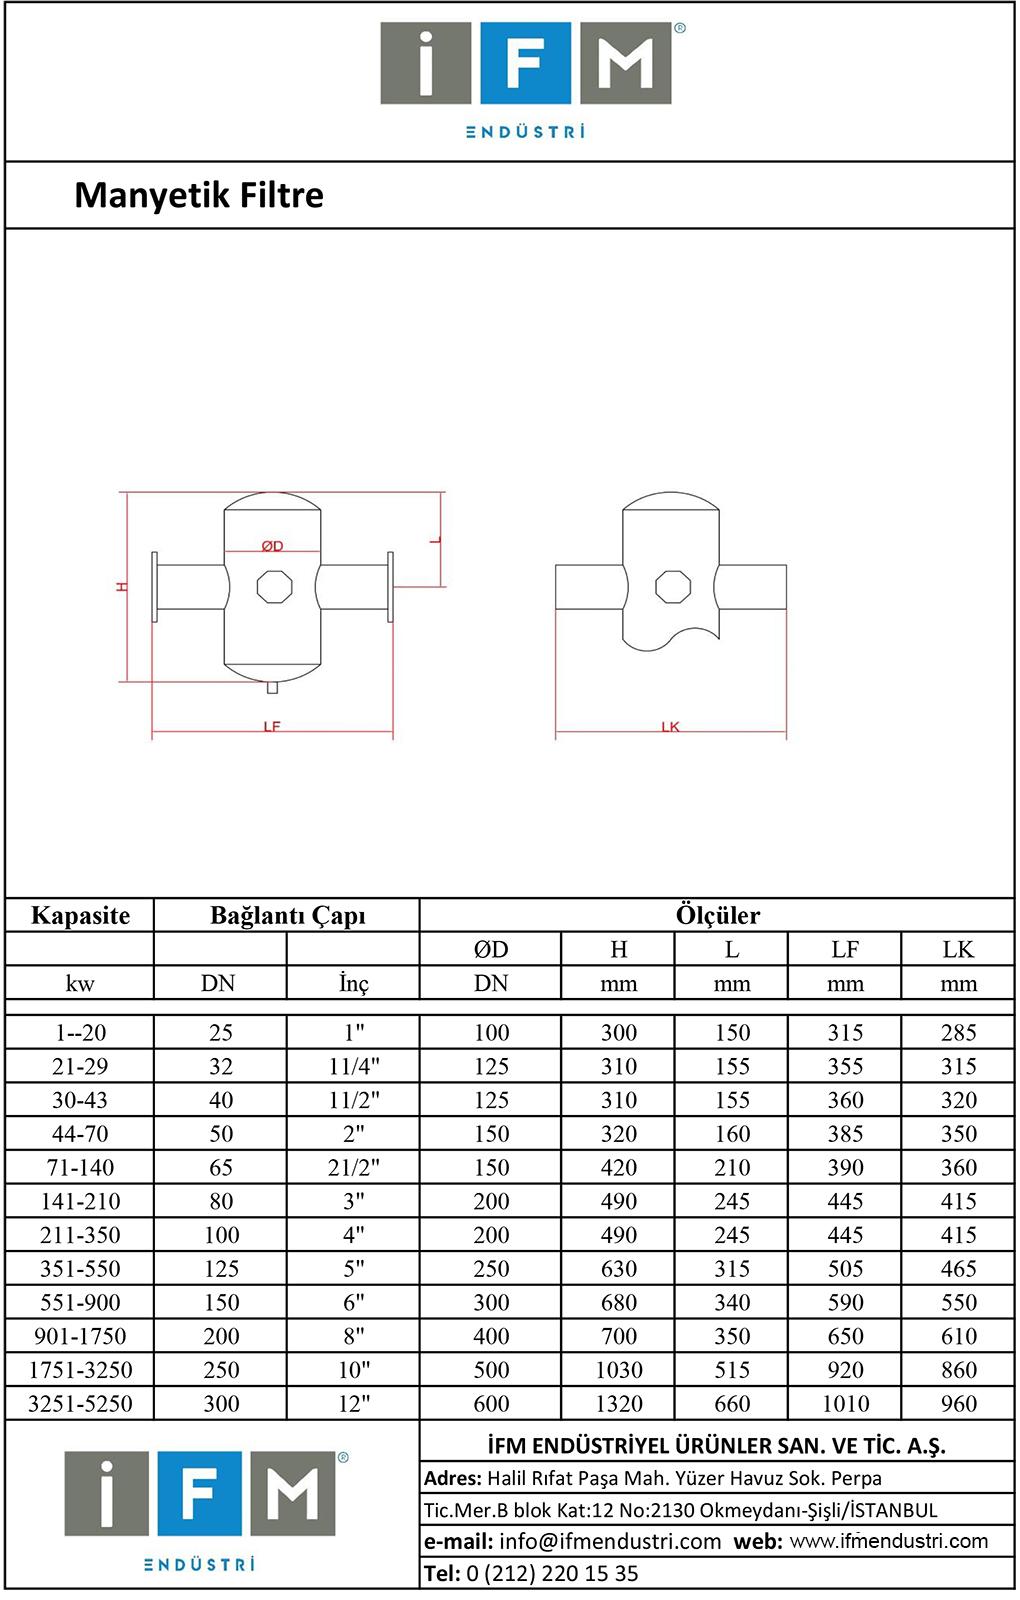 ifm manyetik filtr teknik çizimleri ve teknik bilgileri